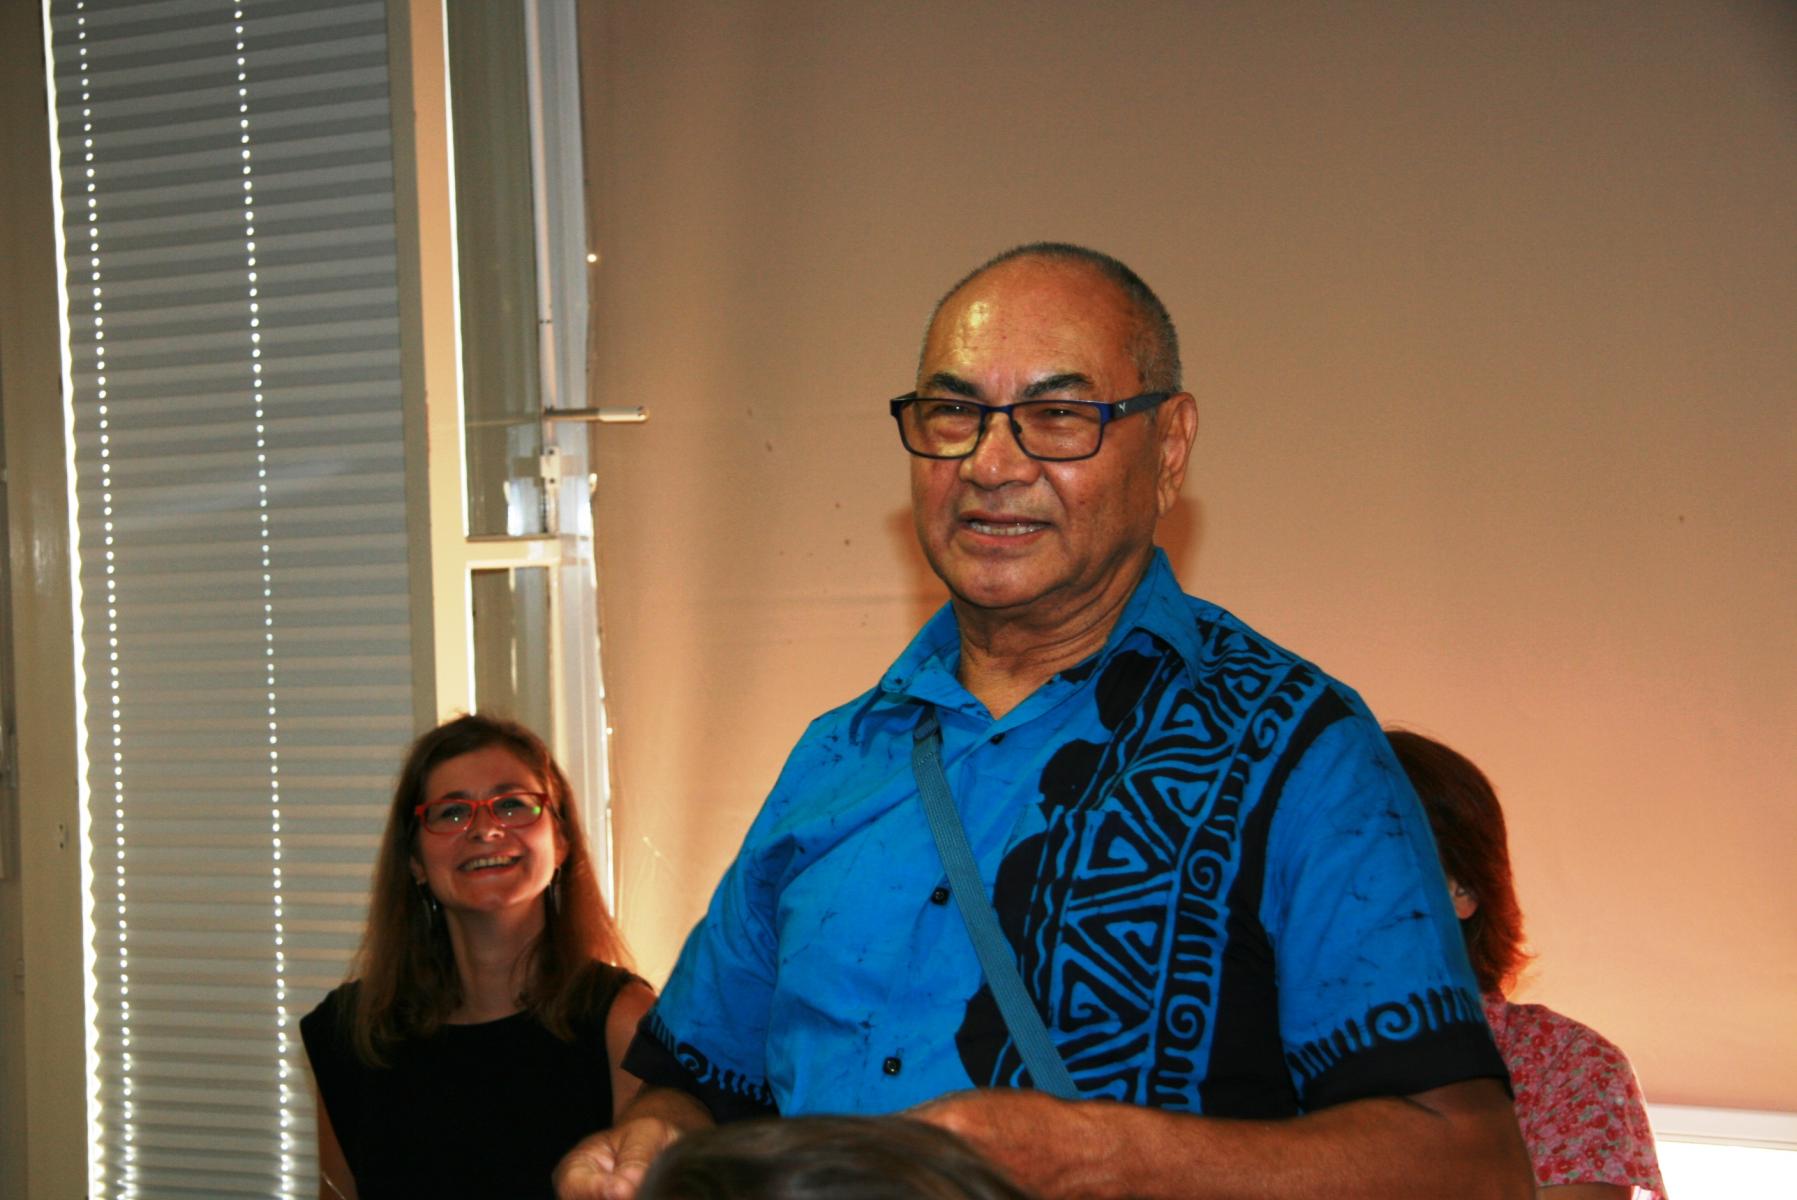 Aswin Shrestha, častni konzul Kraljevine Nepal v Sloveniji. Udeleženec razprave. Foto: Urša Šivic.